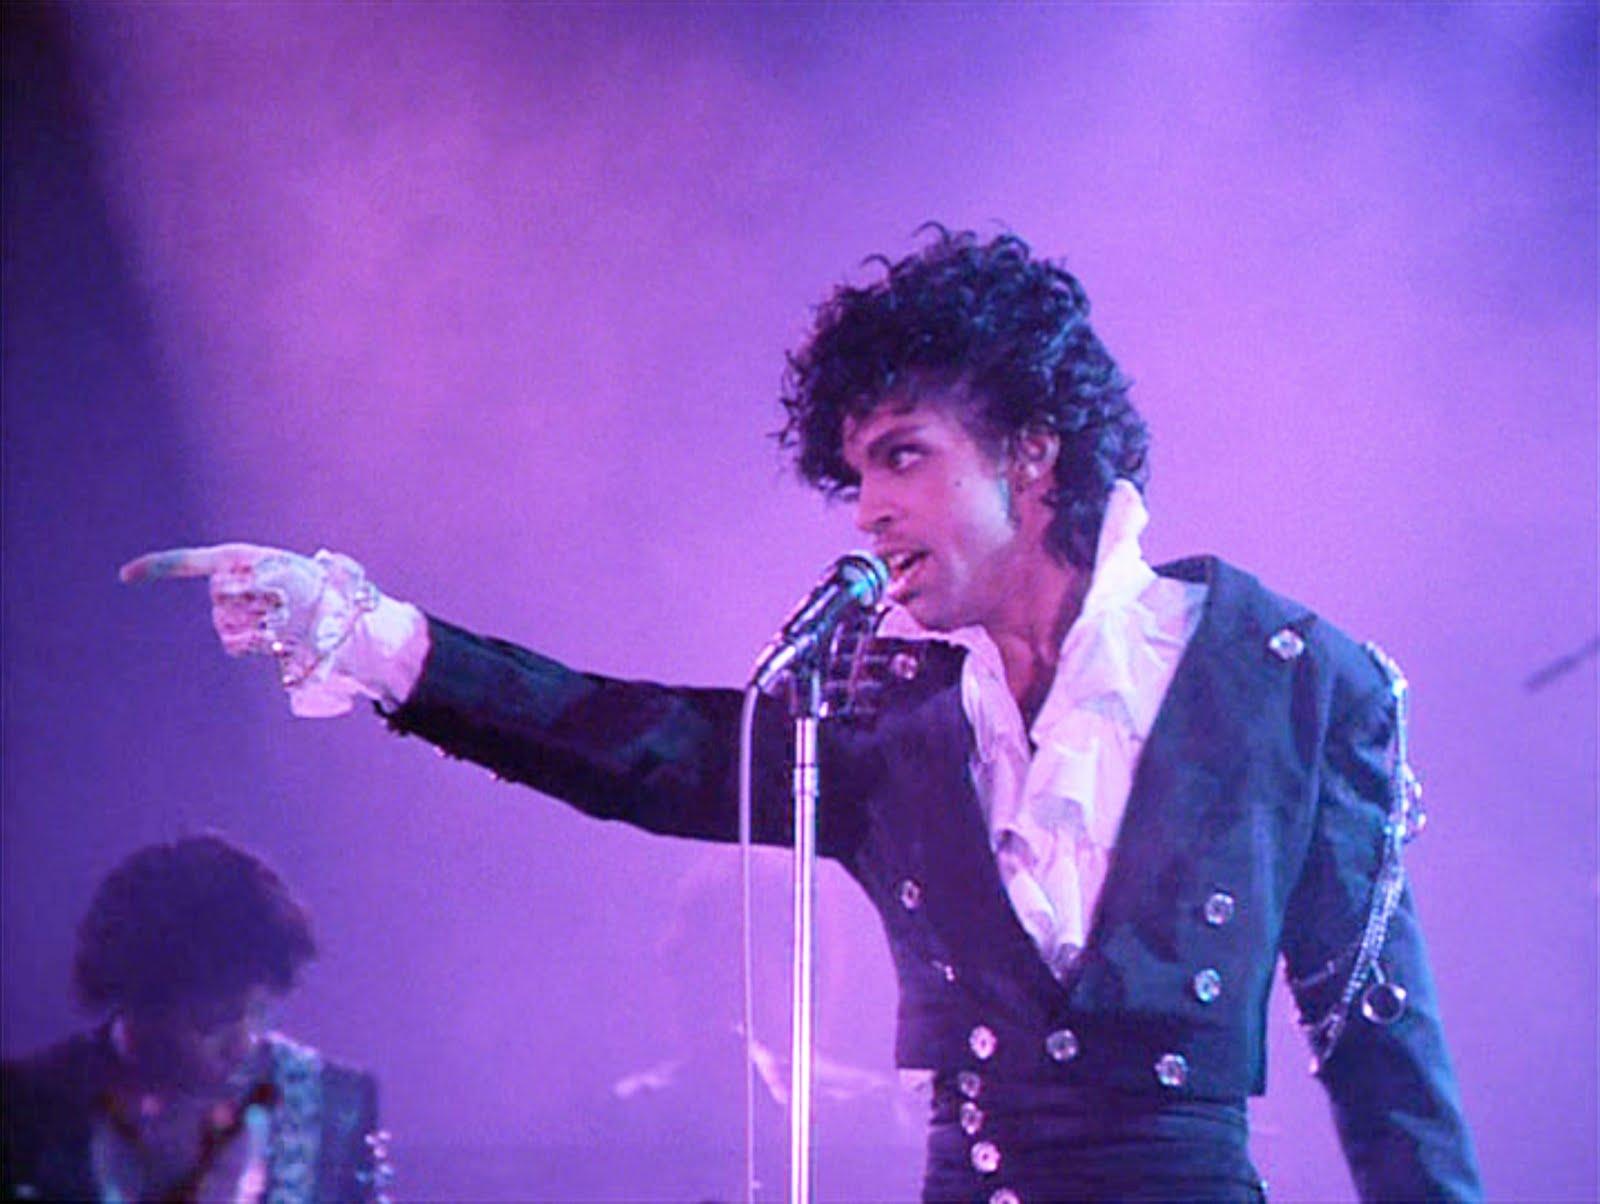 Uitvoering The Beautiful Ones tijdens Purple Rain (de film), 1984